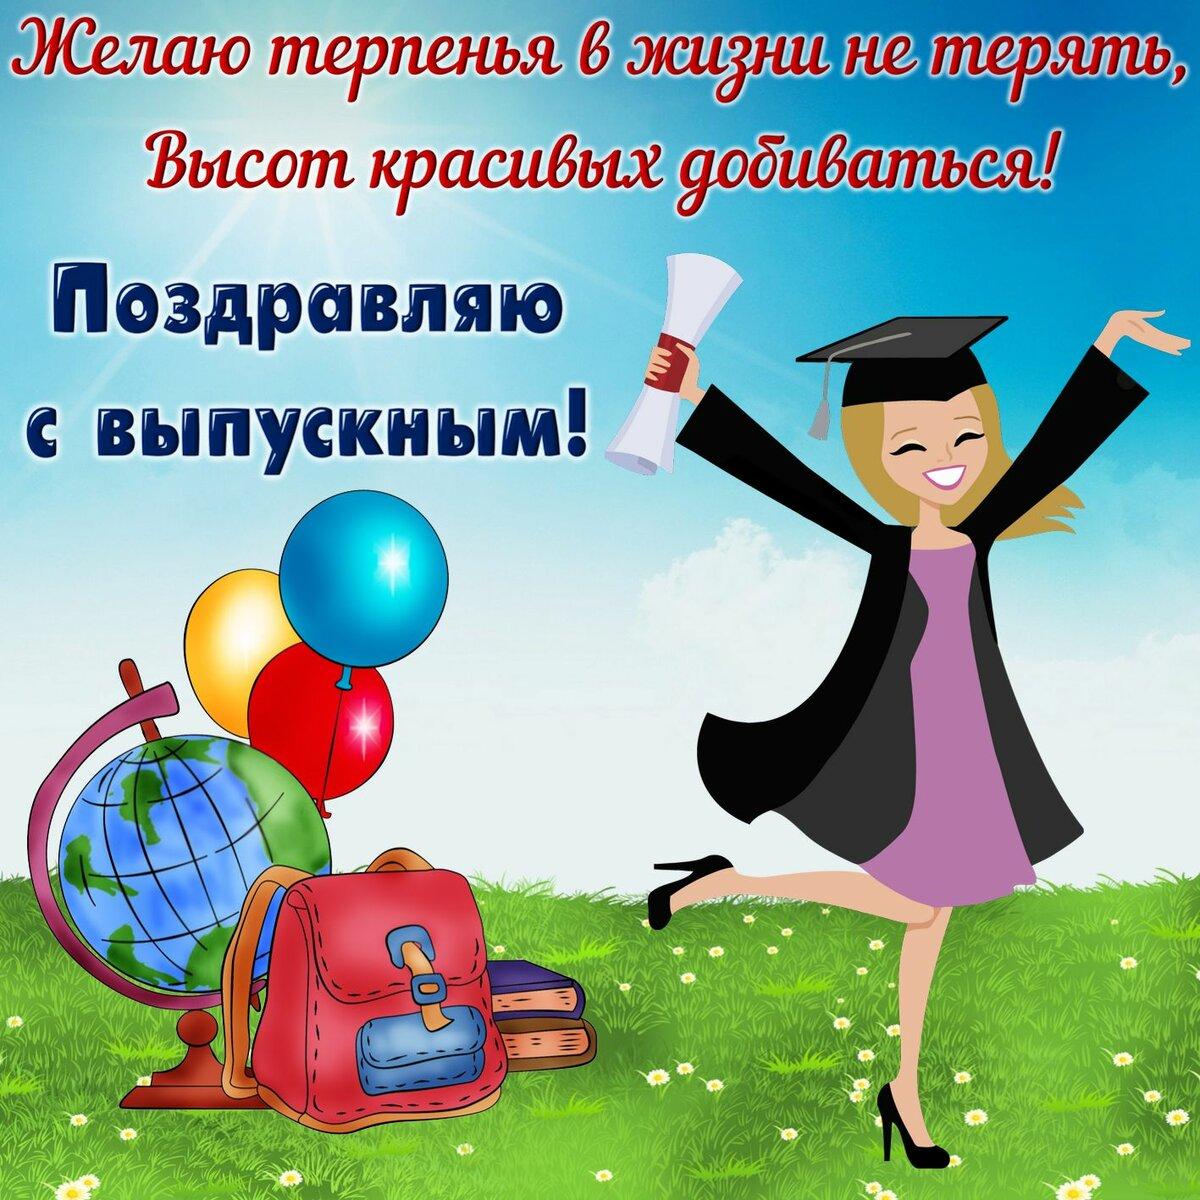 Днем, поздравительная открытка для выпускника